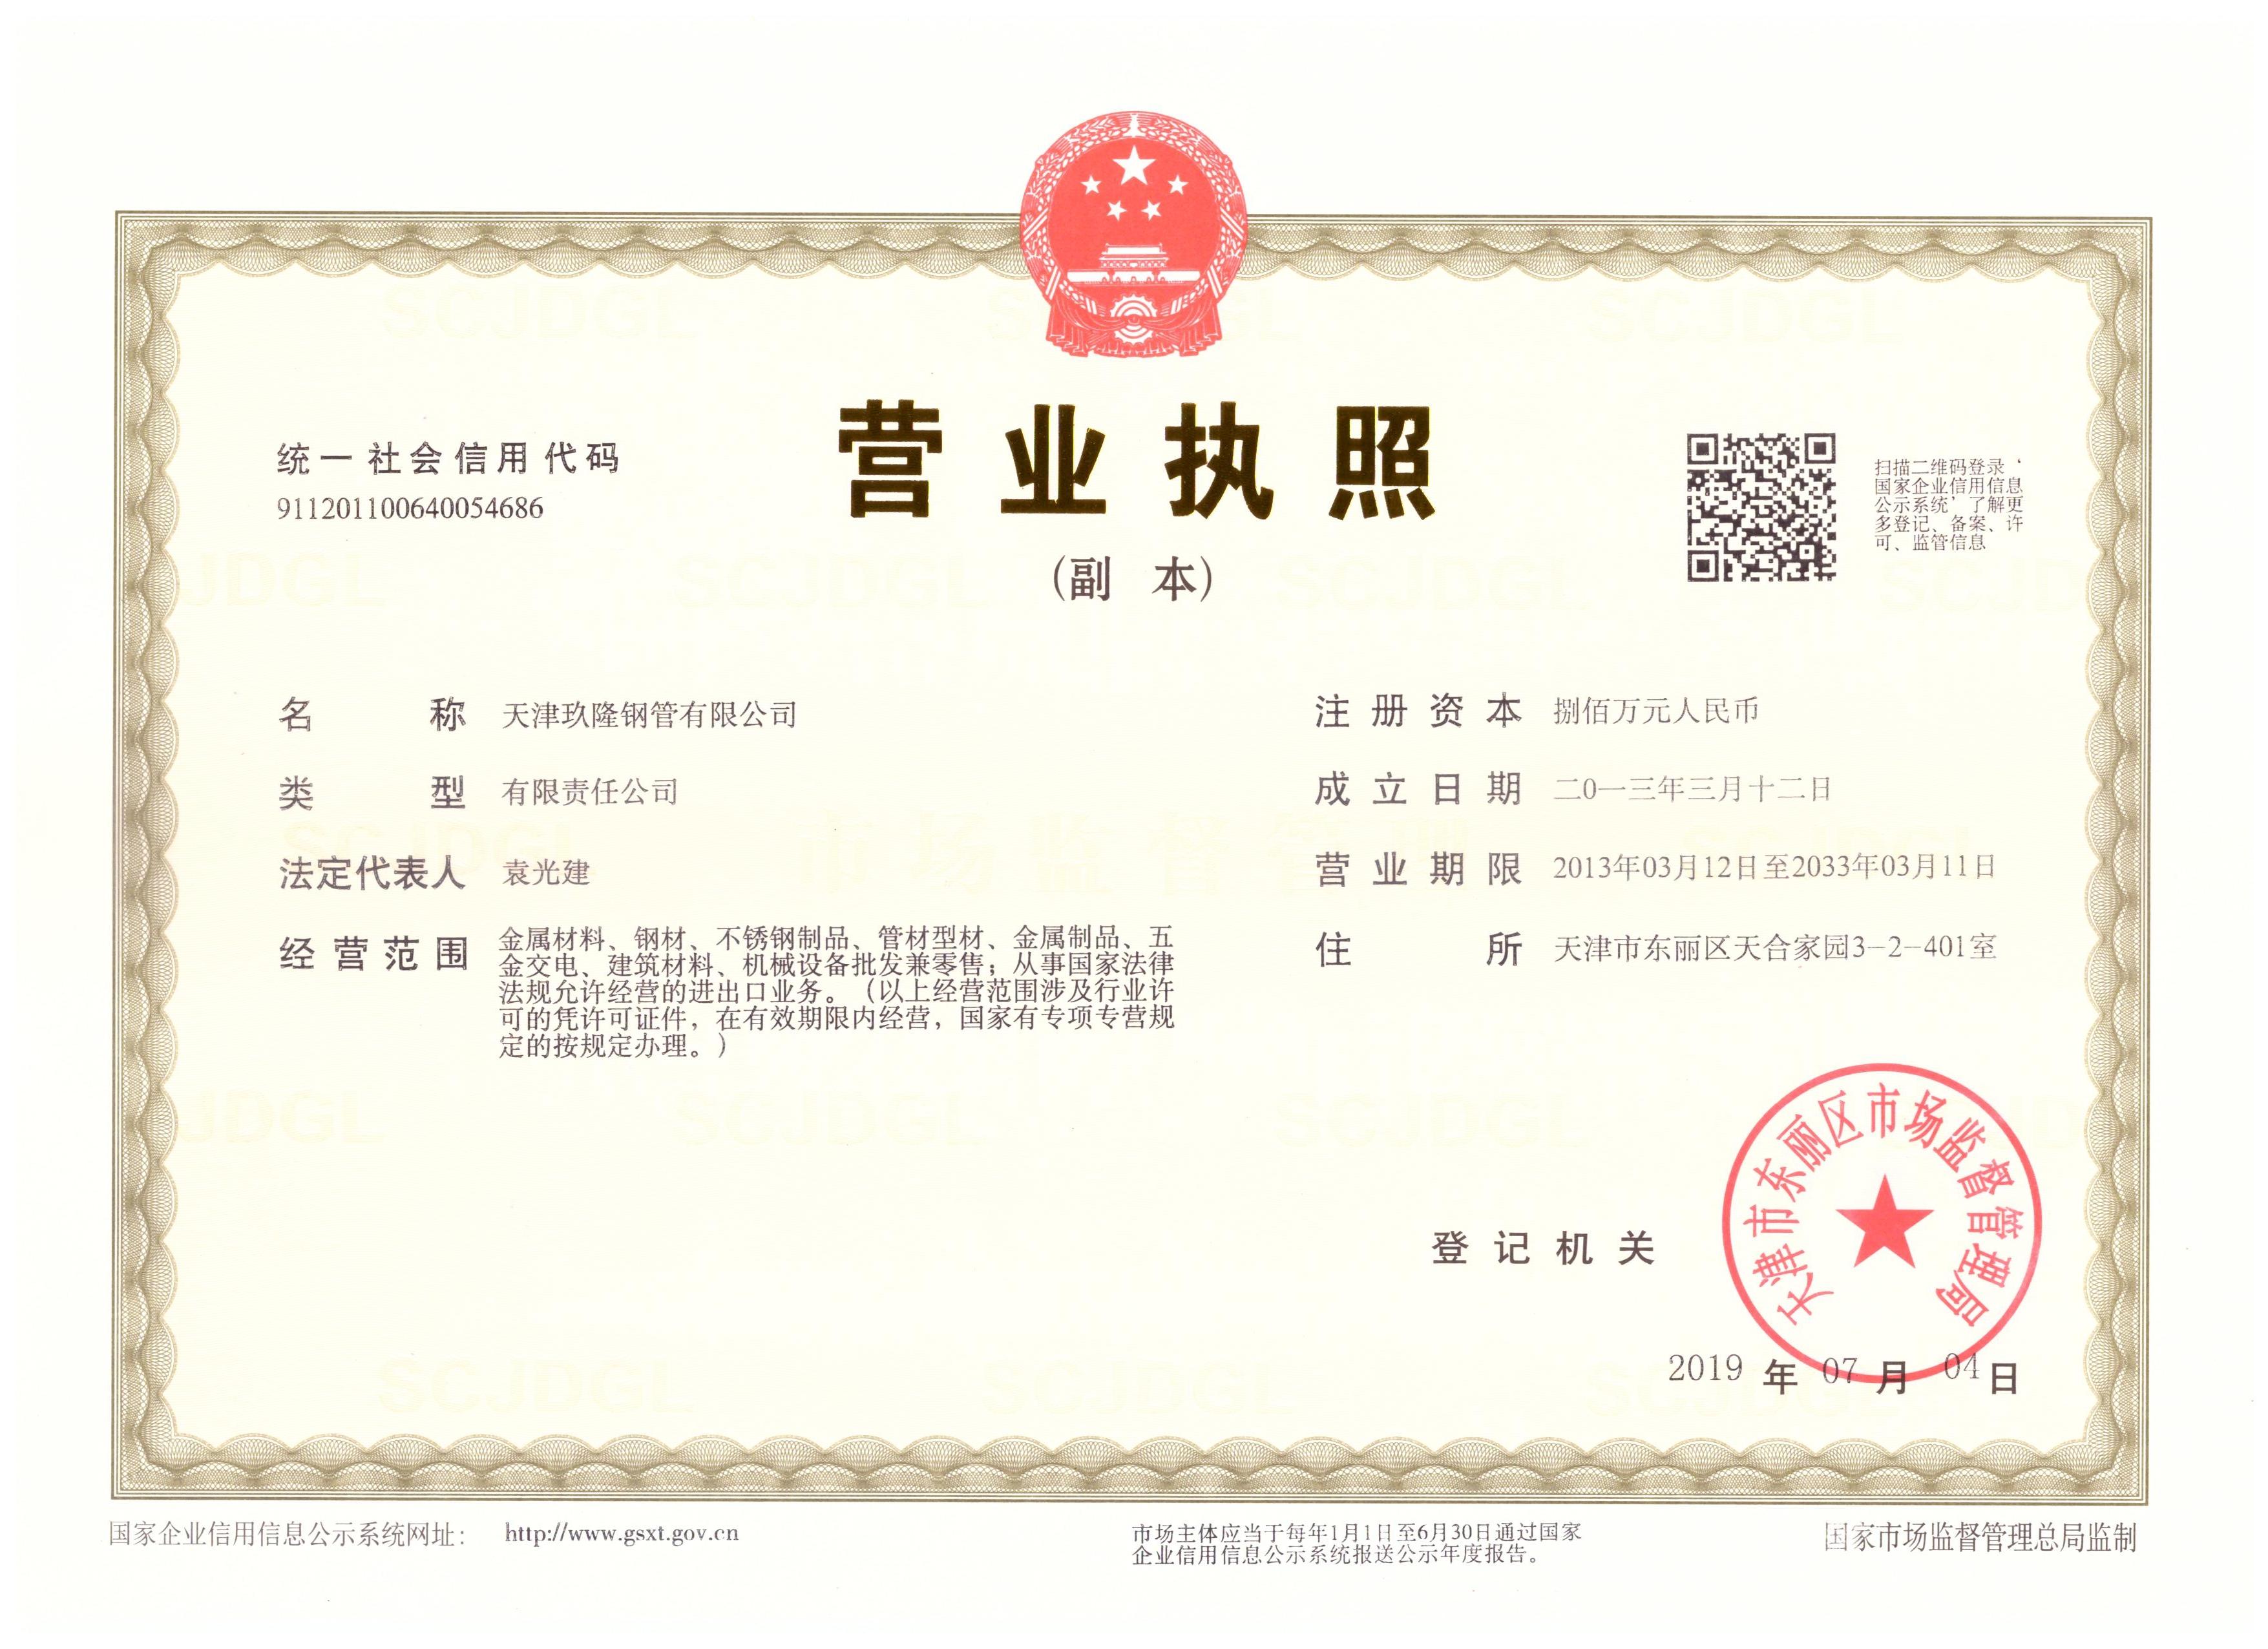 天津玖隆钢管有限公司